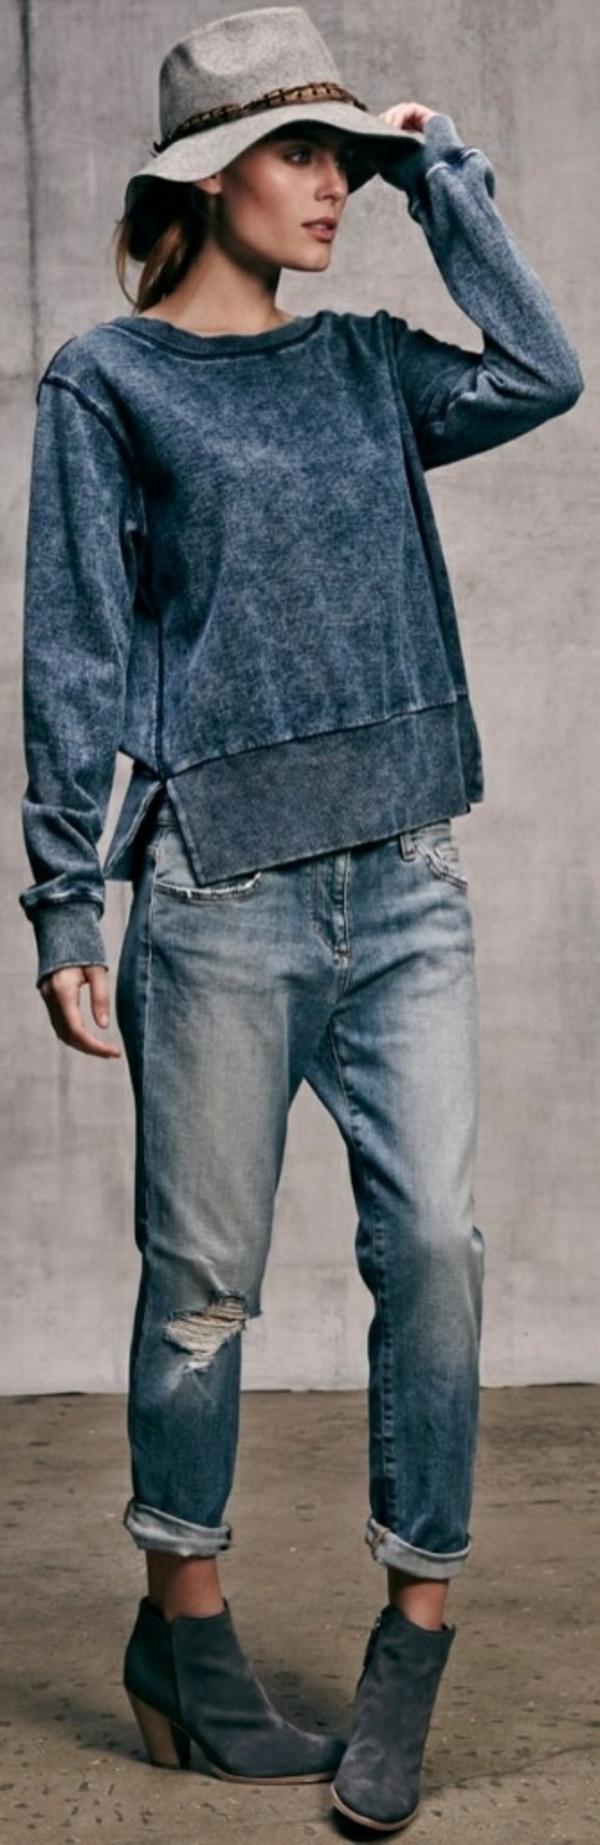 idée-originale-comment-s-habiller